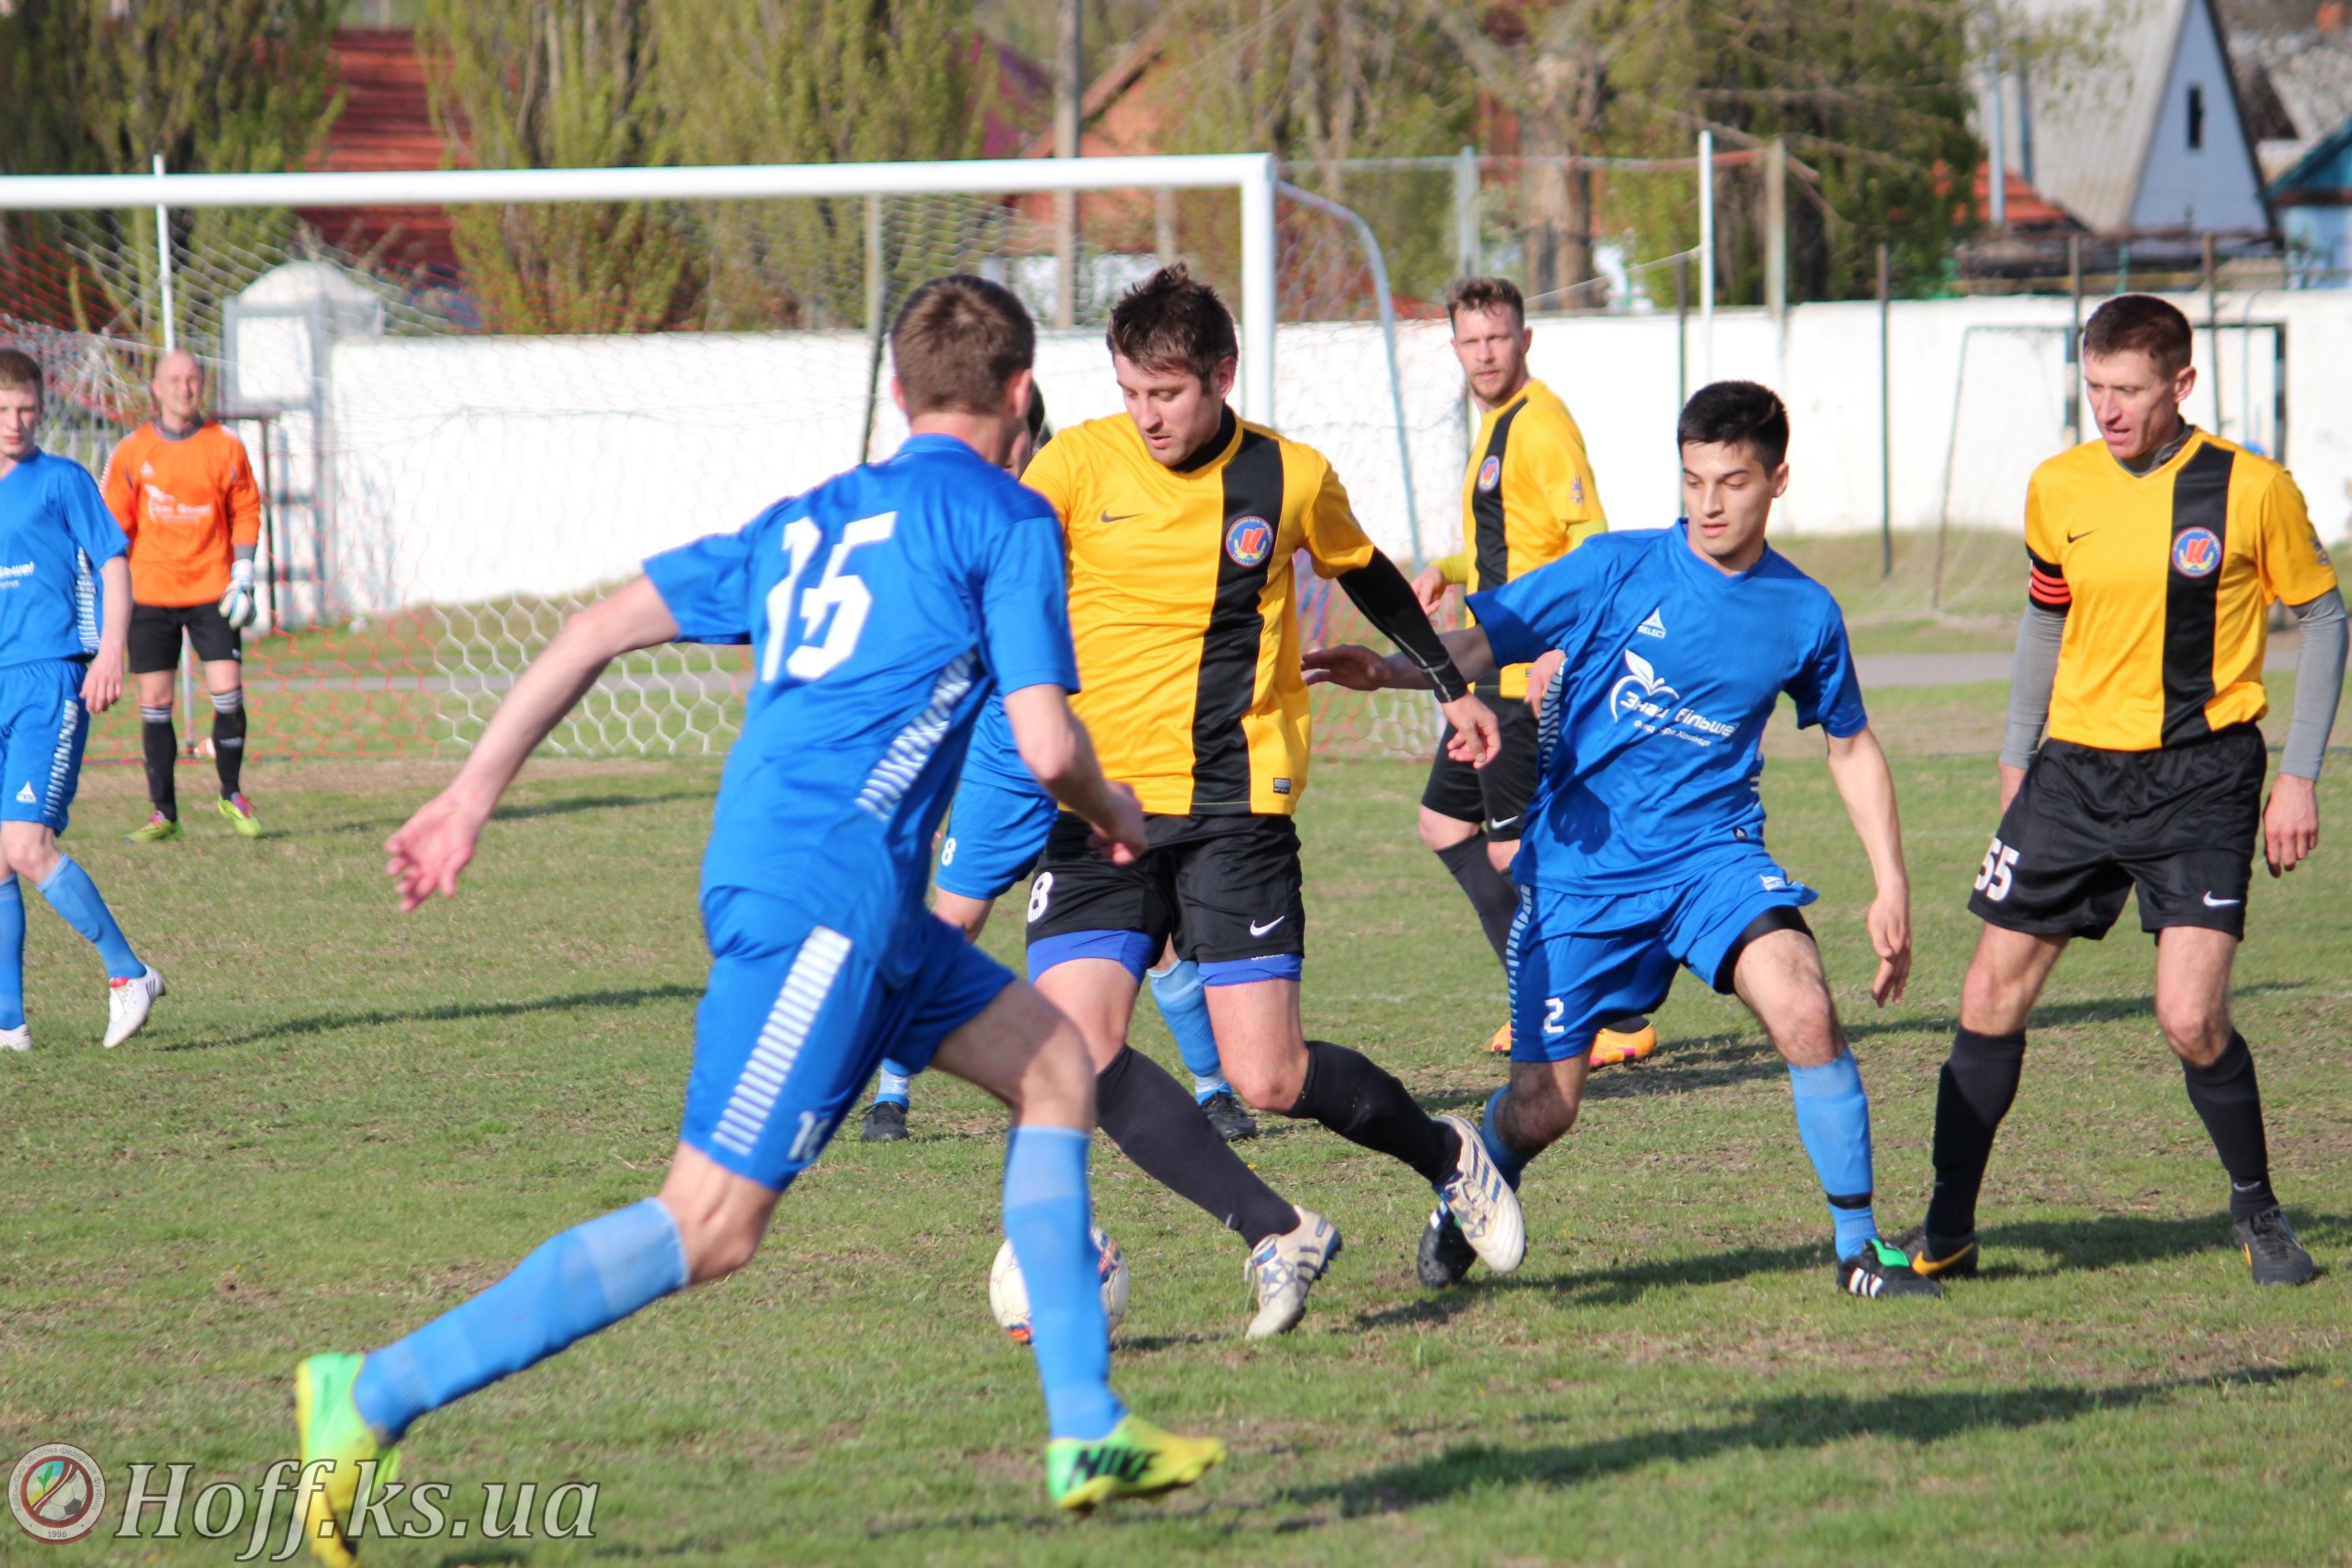 22 квітня відбувся другий тур Чемпіонату Херсонської області з футболу 2017 року